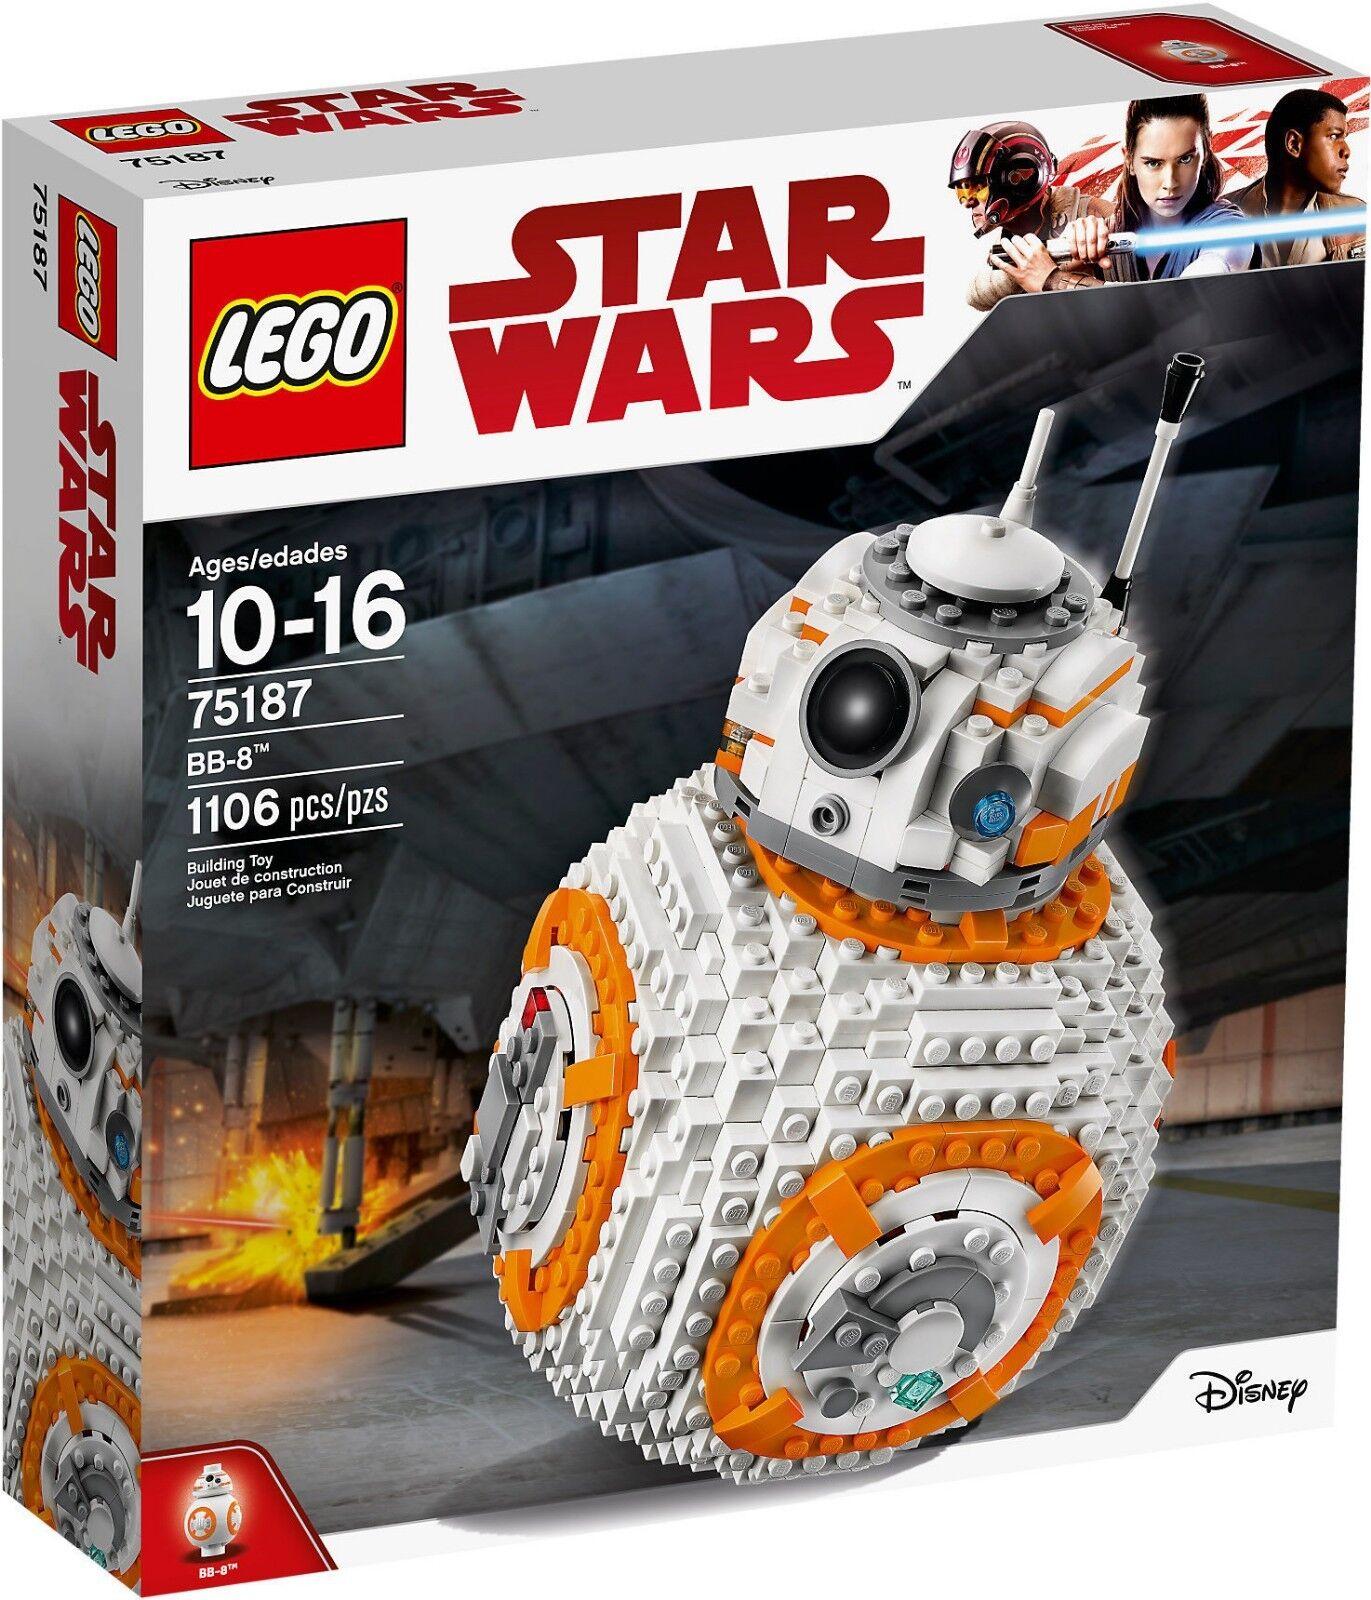 75187 LEGO STAR WARS BB-8 BB8 NUOVO SIGILLATO ORIGINALE 1106 PEZZI - MISB